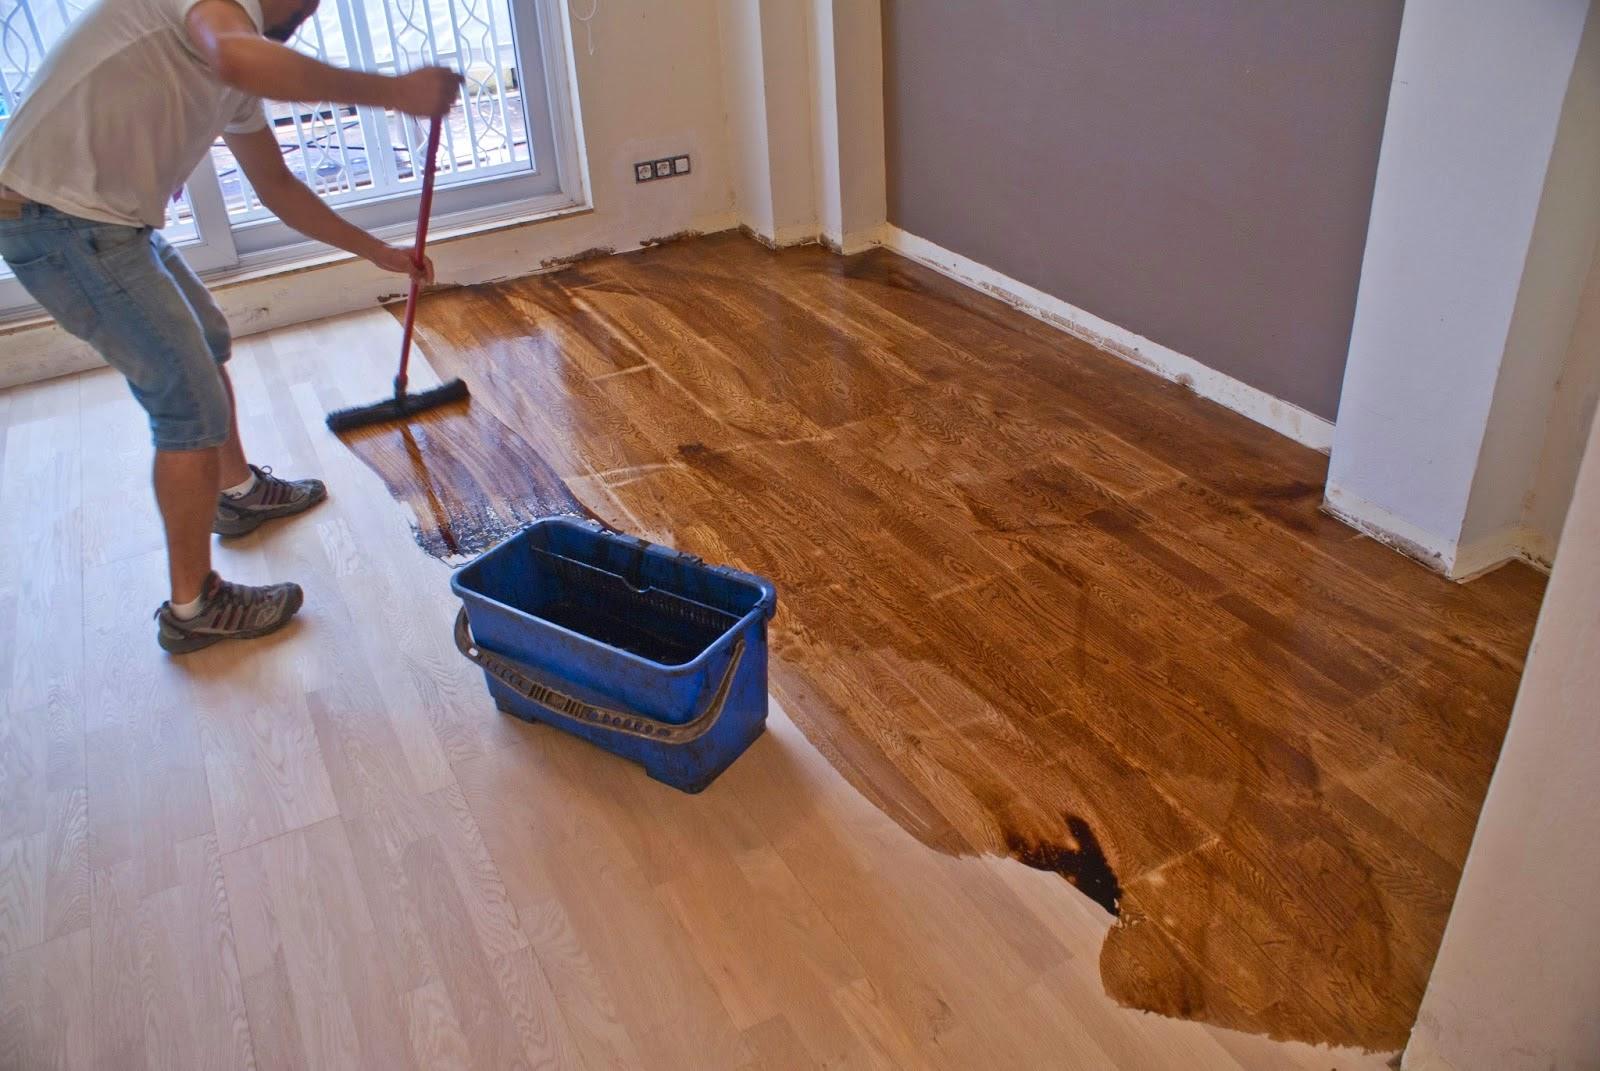 Colores de suelos laminados awesome los colores y for Suelo laminado de madera